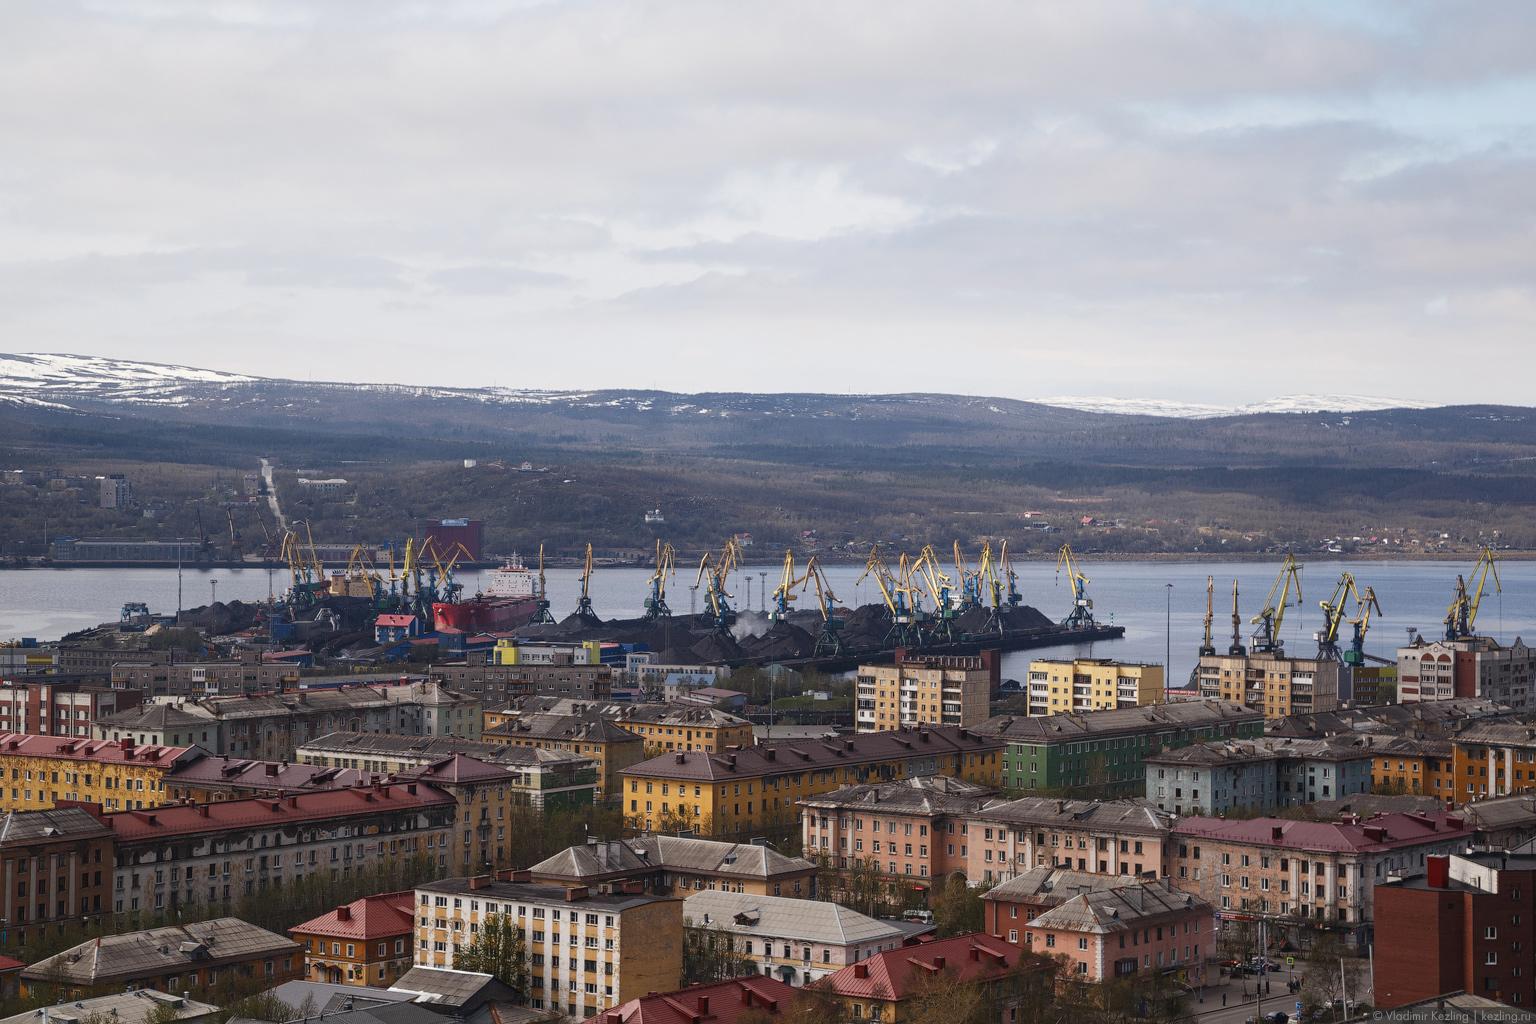 Идём на север! Дни 17-18. Мурманск, атомный ледокол «Ленин» и дорога домой